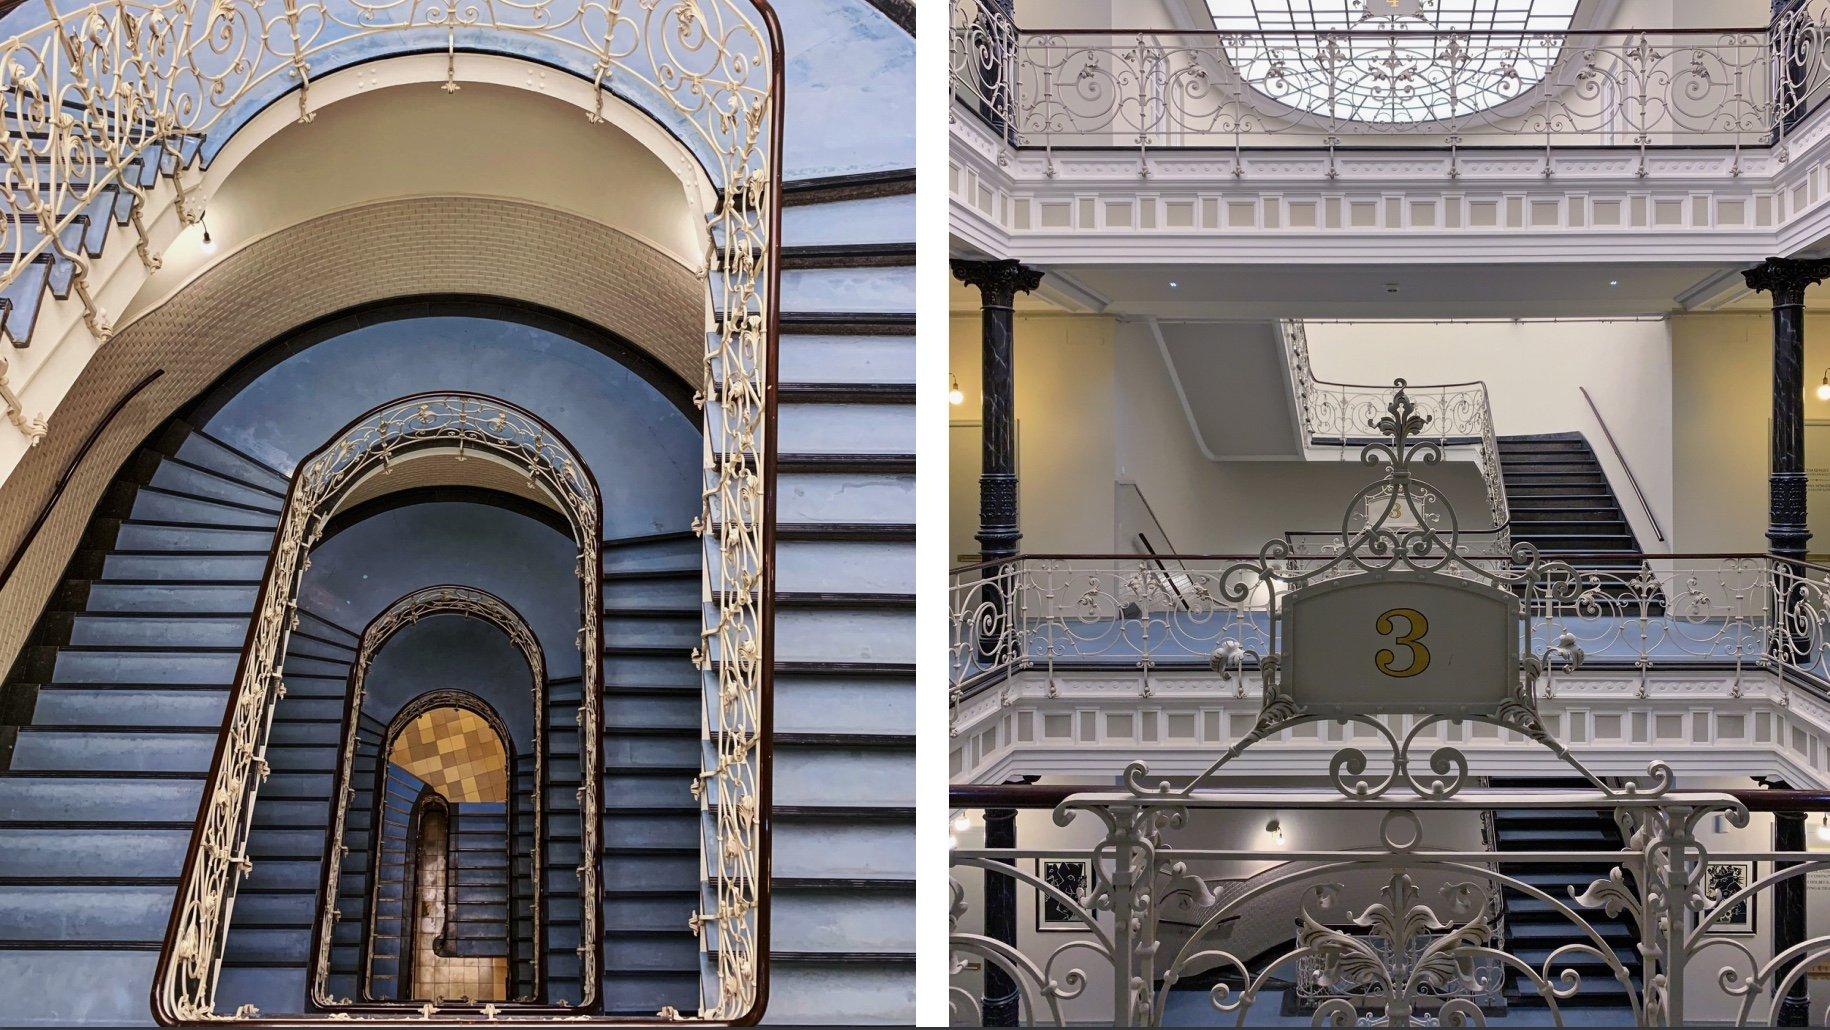 Laeisz Hof ein Treppenhaus in Hamburg Kontorhaus